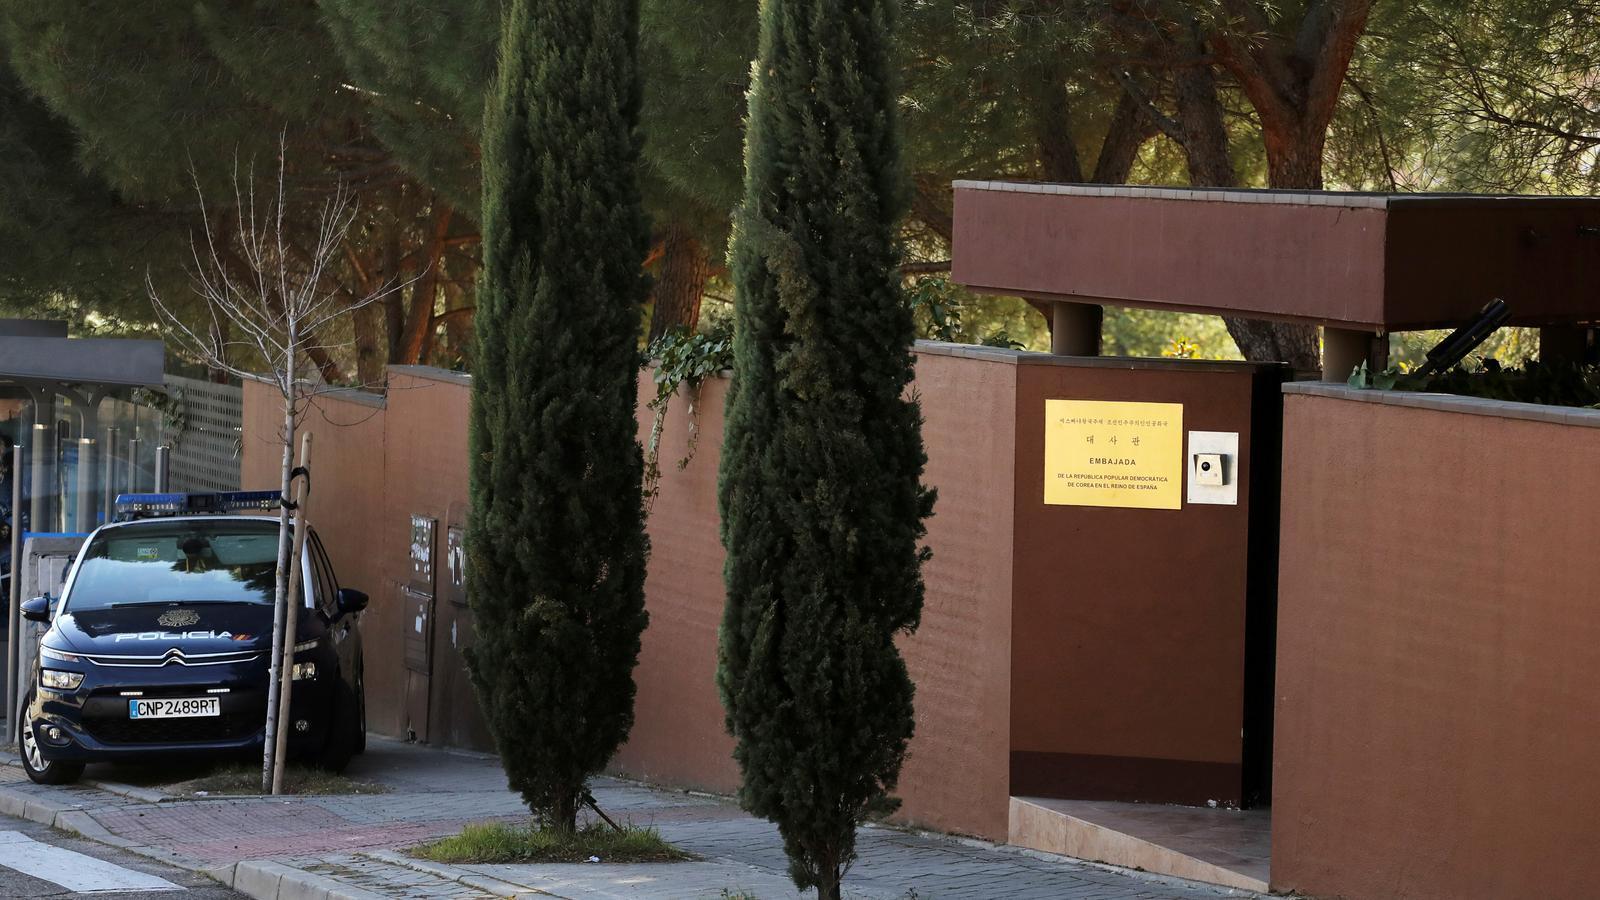 L'assalt a l'ambaixada nord-coreana a Madrid el va dirigir un mexicà que va contactar després amb l'FBI